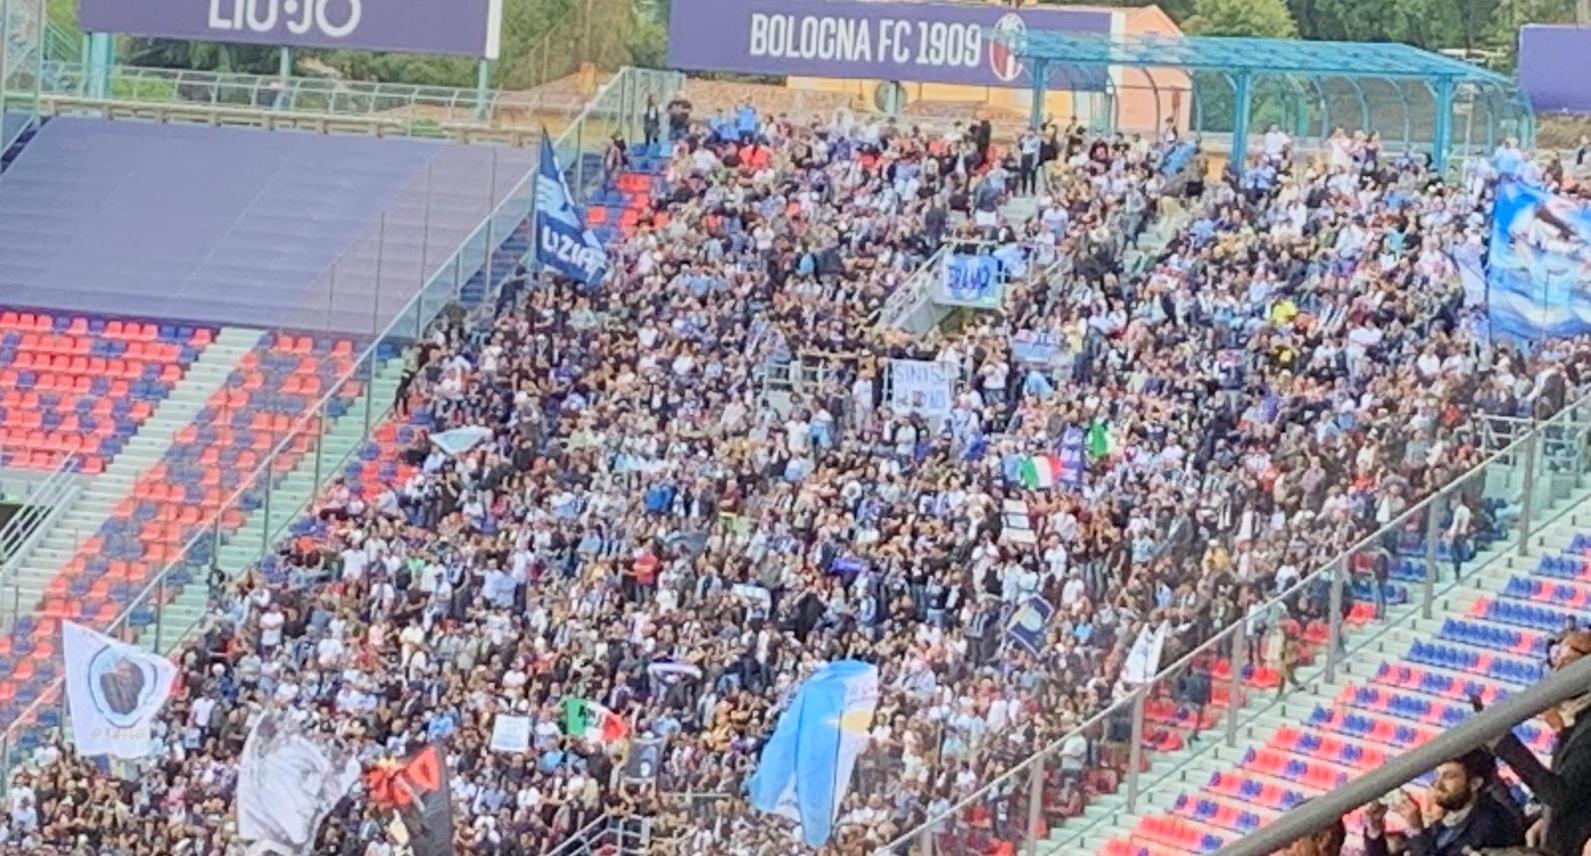 Bologna - Lazio, la scritta per Mihajlovic nel settore biancoceleste